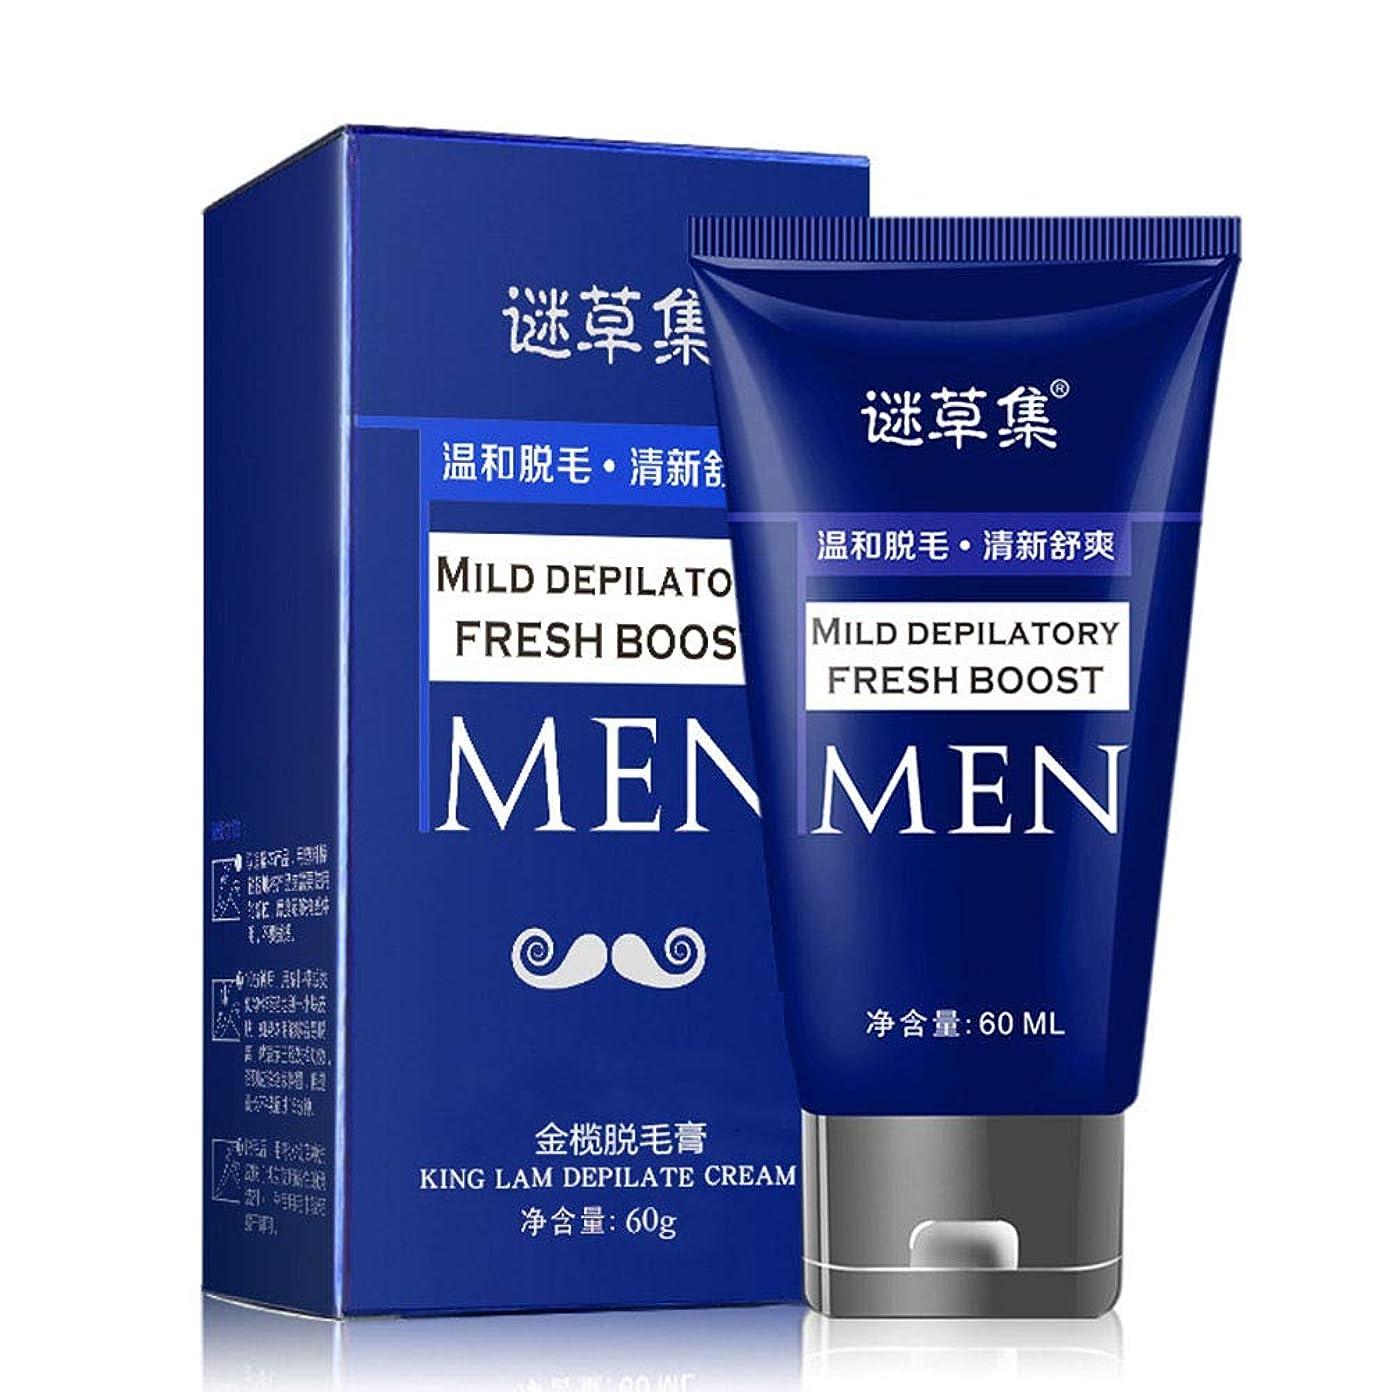 クラフト秀でるラフRabugoo セクシー 60ML脱毛クリーム脱毛腕のアームの脚の毛の痛みは、男性の美容スパのために削除